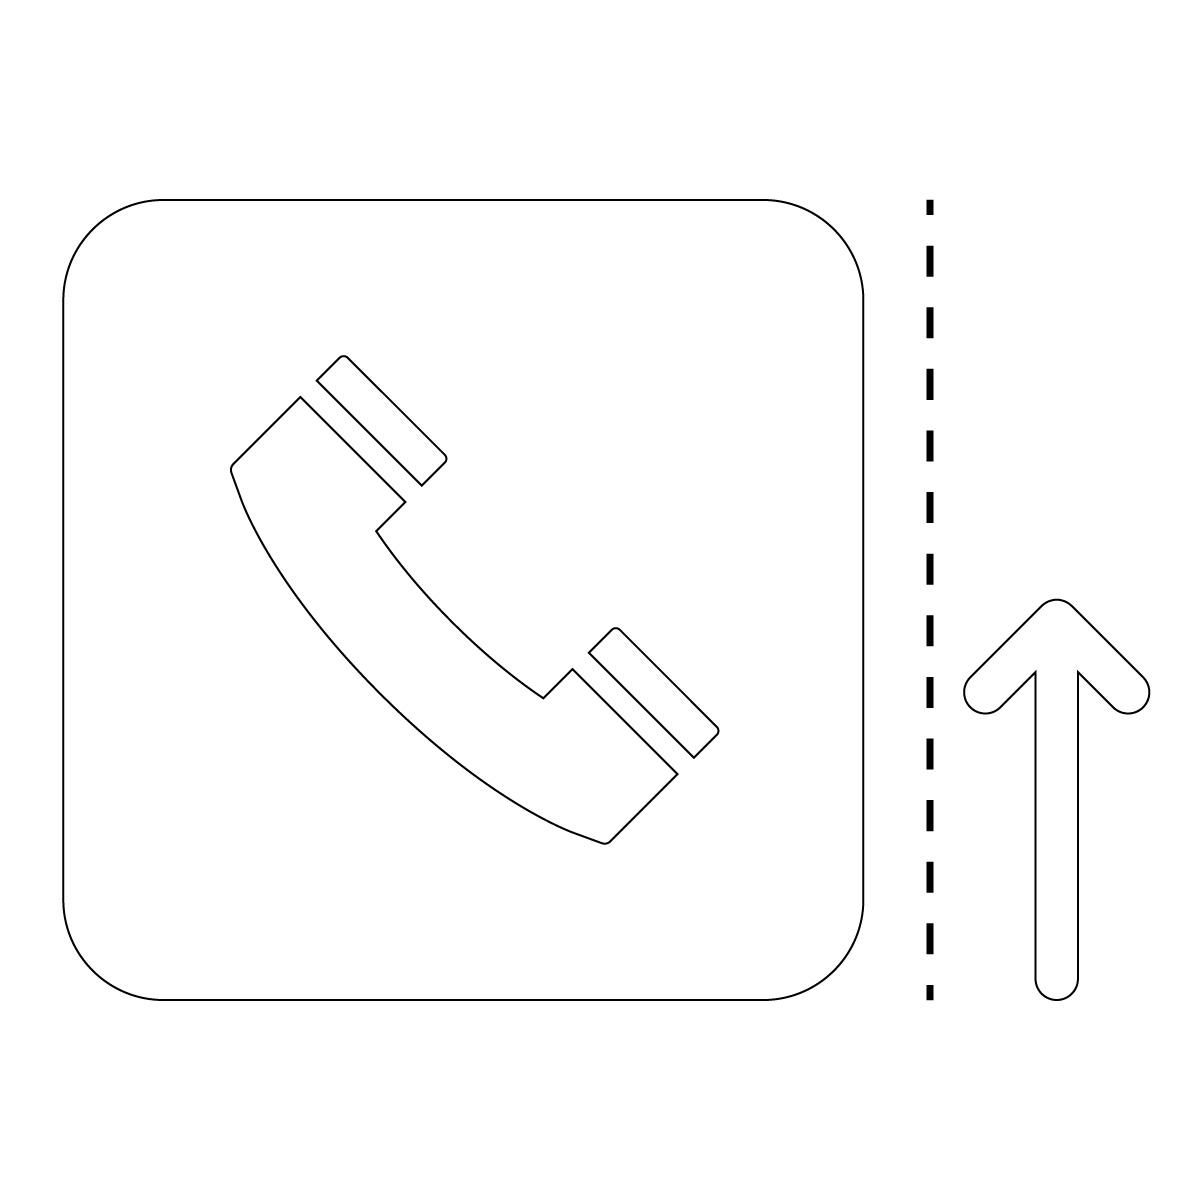 白色の公衆電話案内マーク(矢印付き)のカッティングステッカー・シール